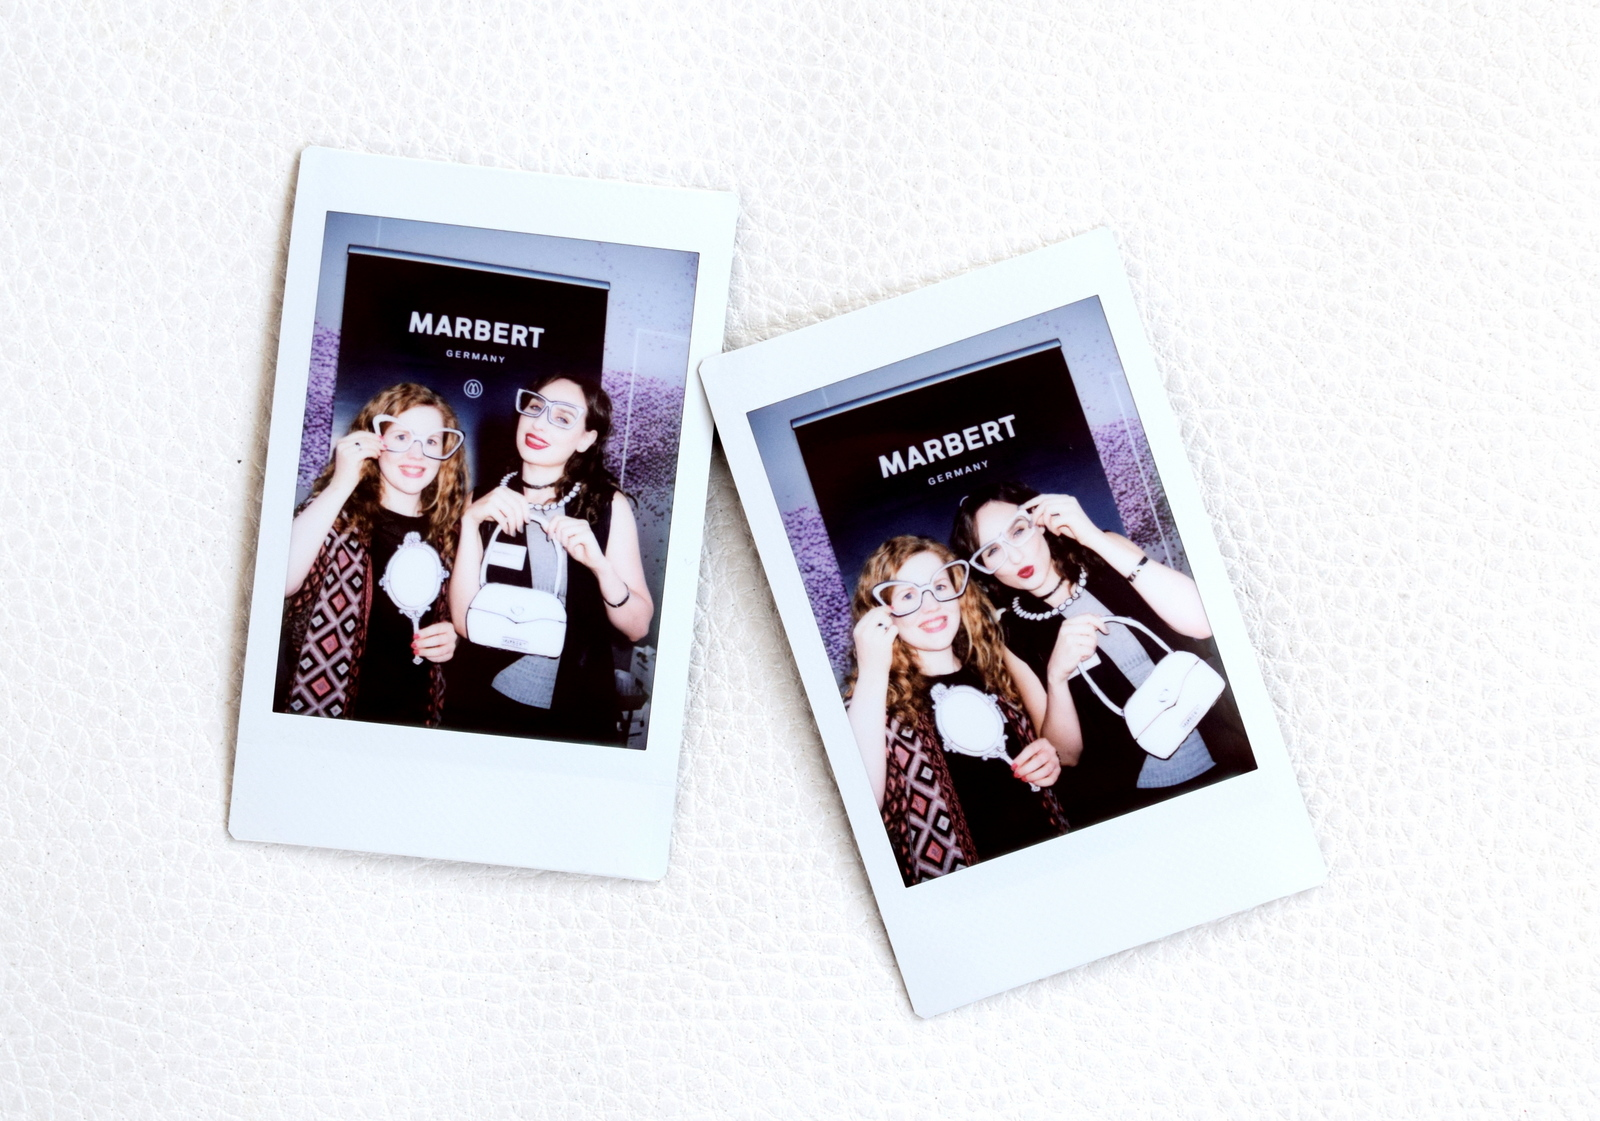 Marbert beim Beautypress Blogger Event im Juli 2016 in Köln im Köln Sky